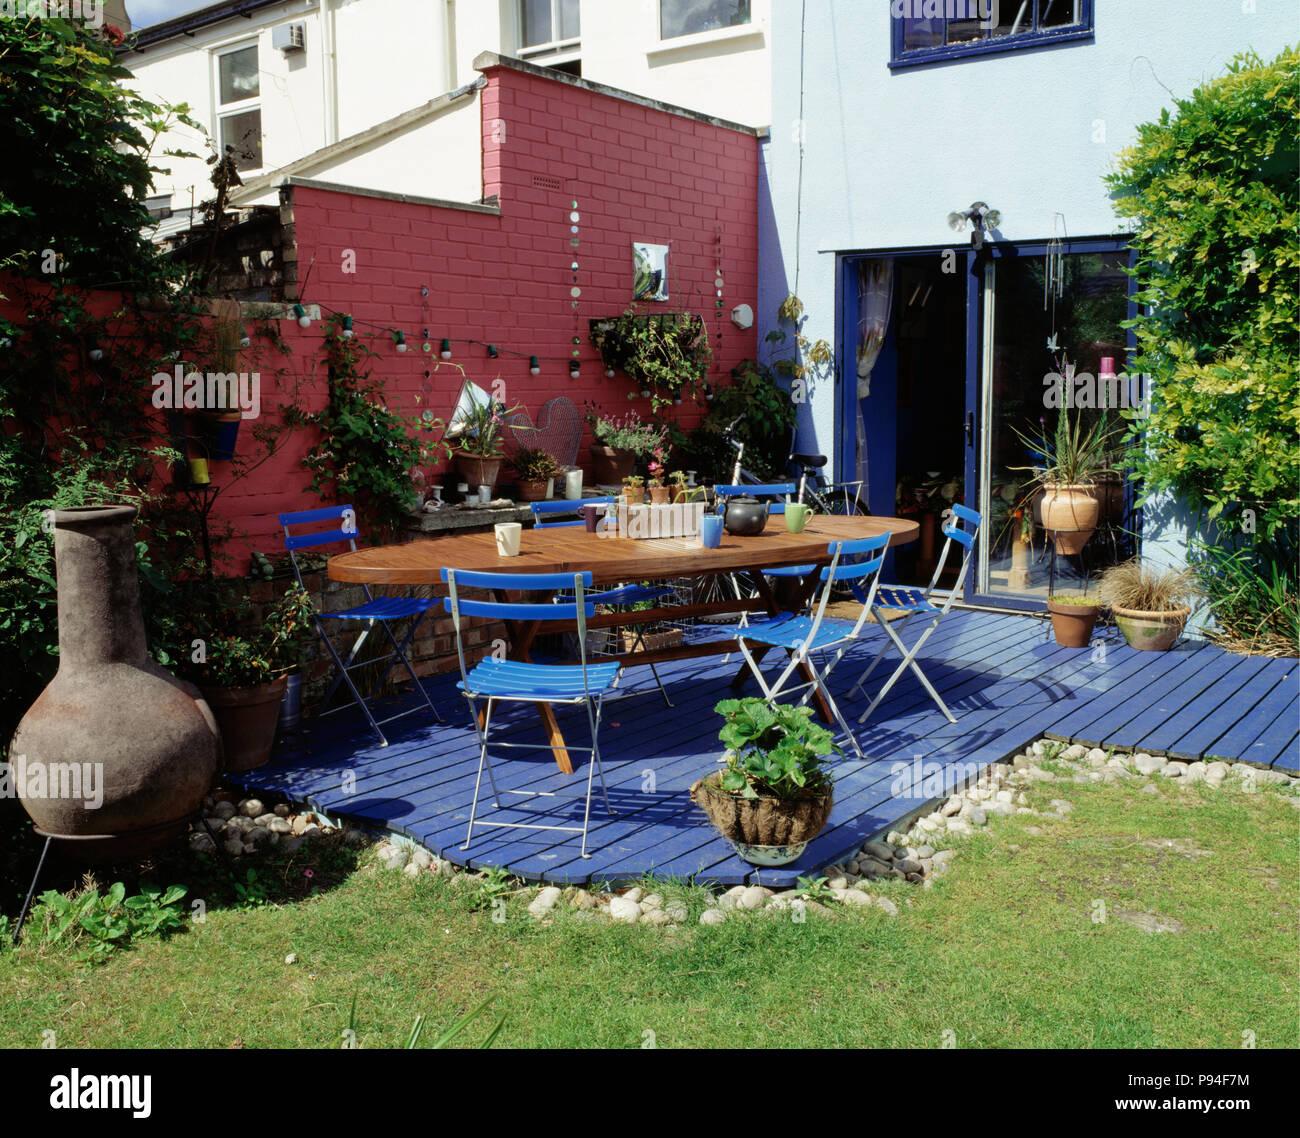 Table et chaises pliantes bleu sur bleu lame de terrasse en